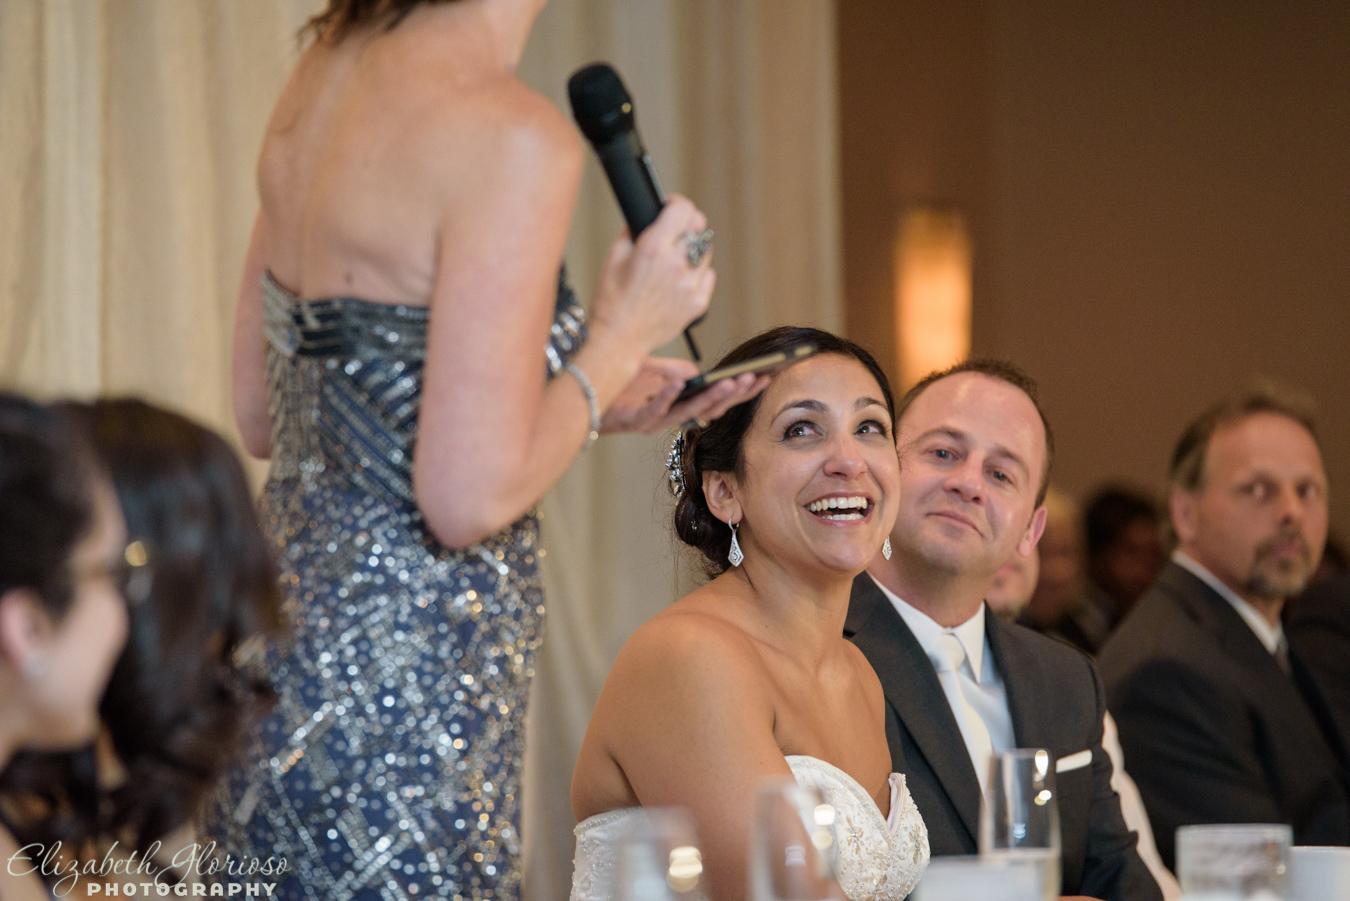 Wedding_Glorioso_Photography_Cleveland-147